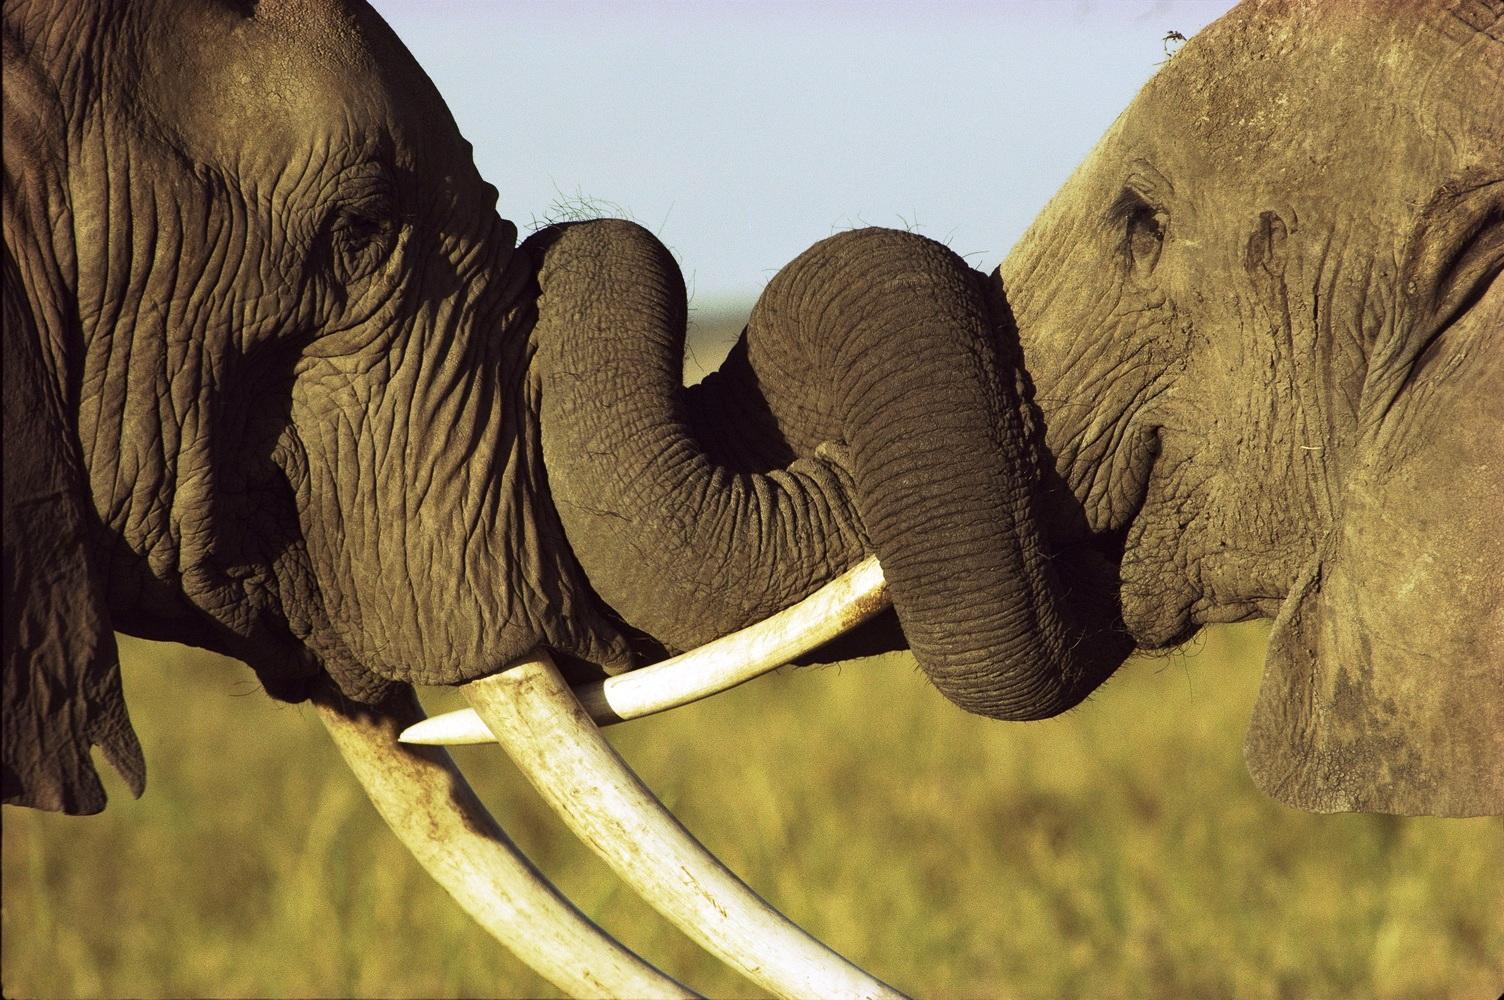 Сколько весит слон - бивни слонов